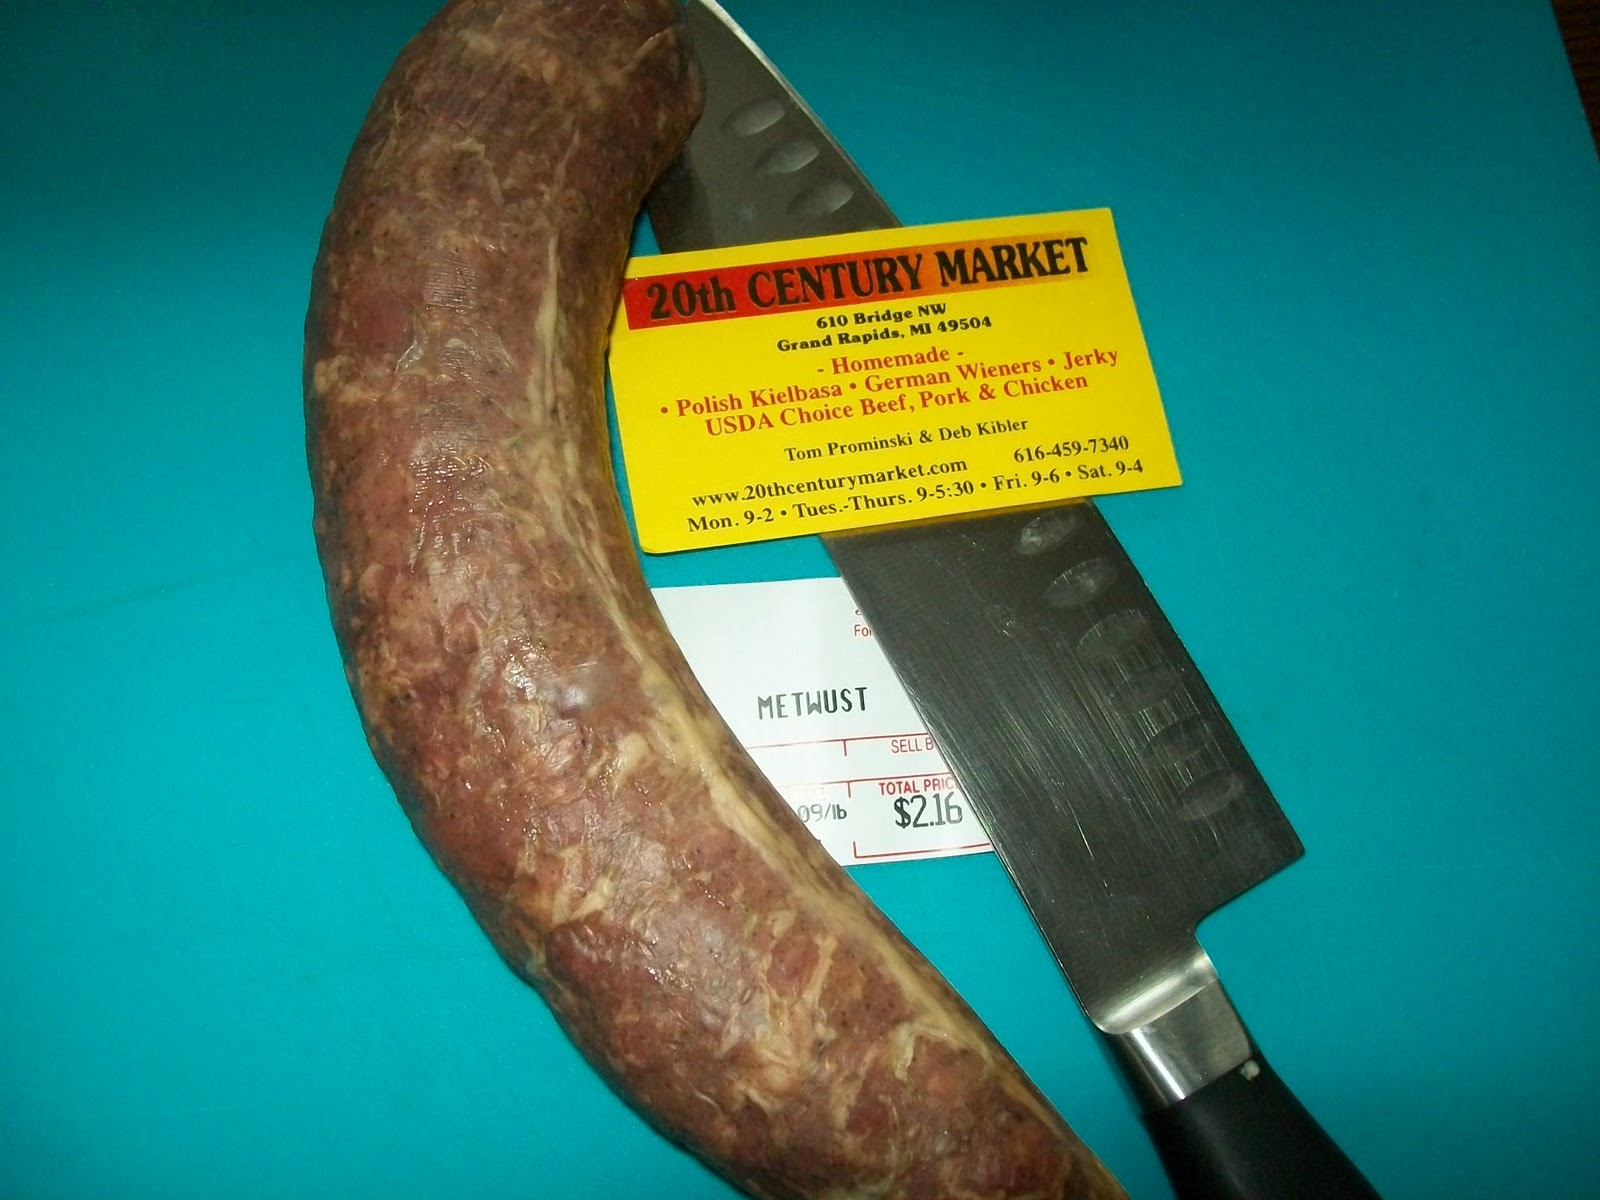 Michigan Cottage Cook: METTWURST--DUTCH SAUSAGE IN WESTERN MICHIGAN